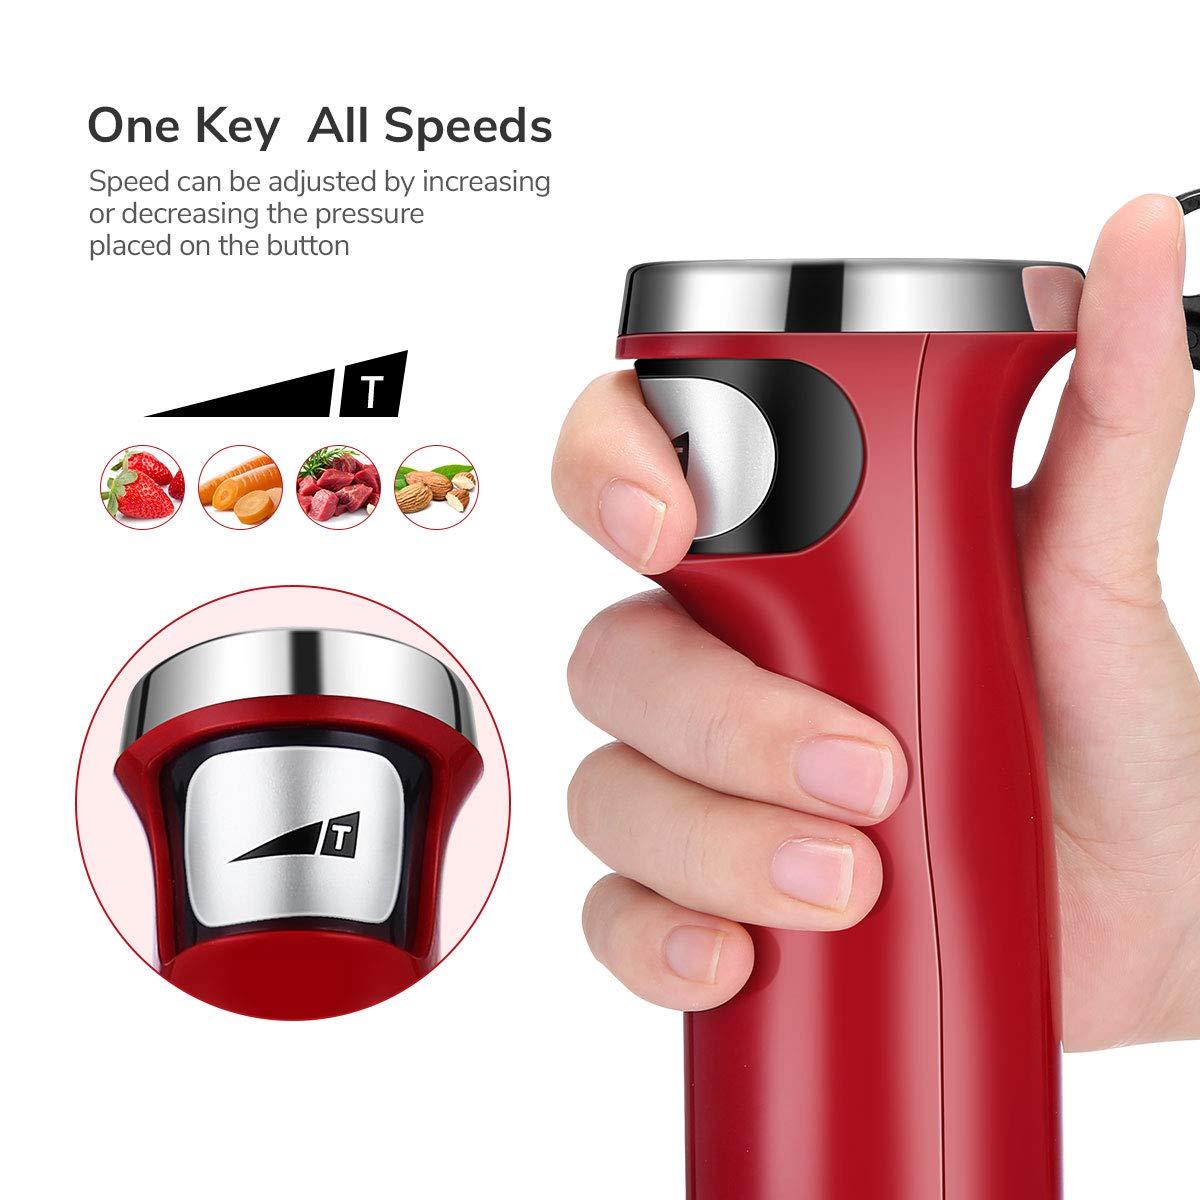 Immersion Hand Blender, Hand Held Stick Blender Emersion Blenders, 2 in 1 Endless Speed Multi-Purpose Immersion Blender with Whisk, 500 Watt, Red